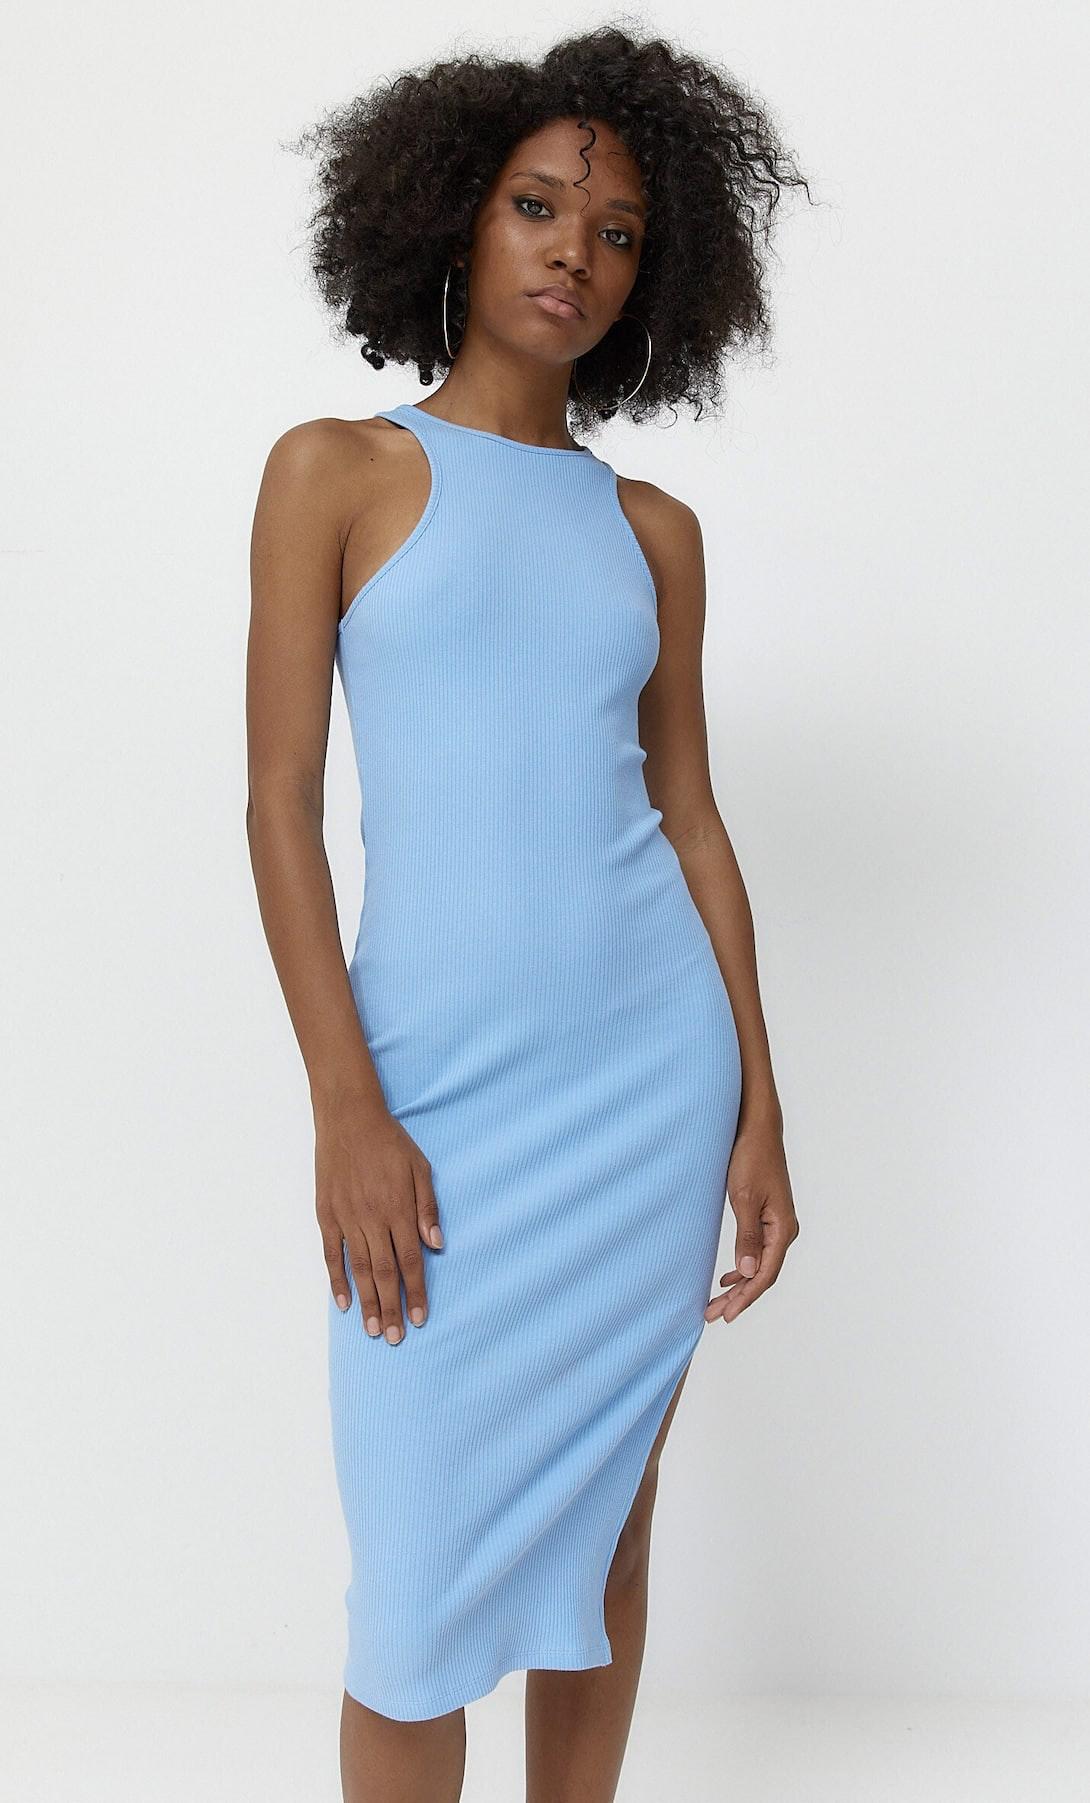 mulher de etnia africana com vestido da Stradivarius azul e comprido